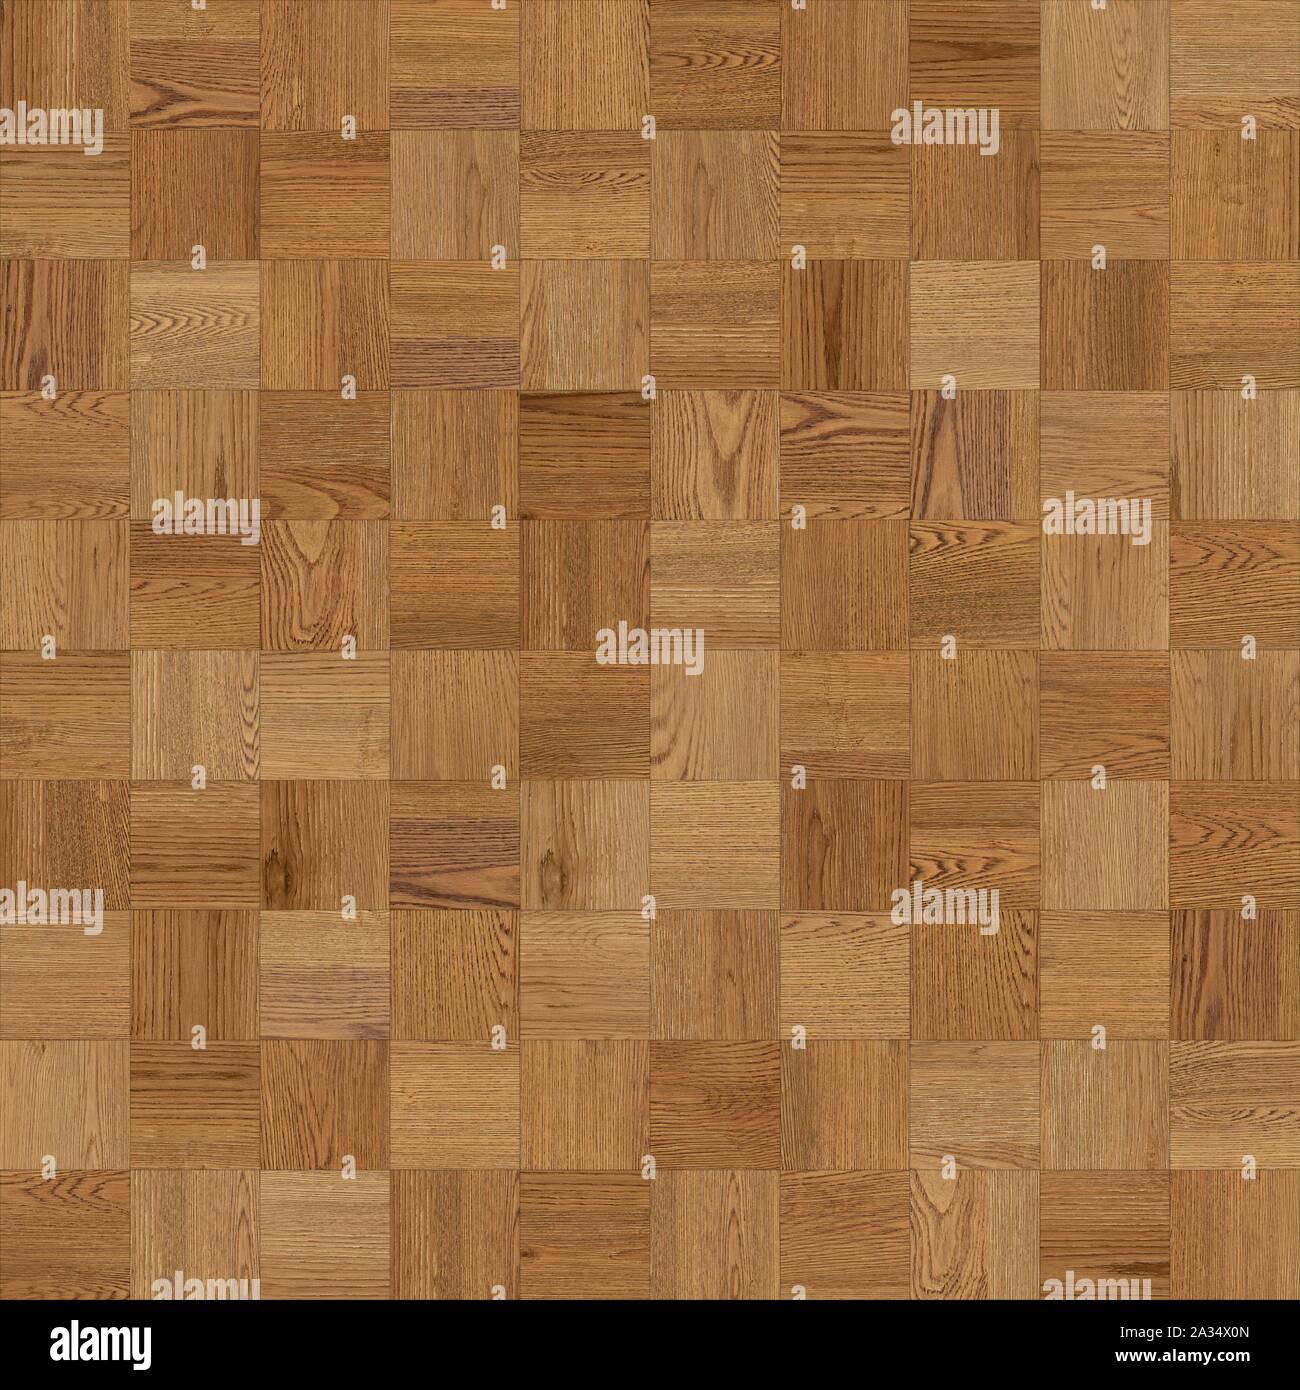 Type De Parquet En Bois Transparente Texture Chess Brun